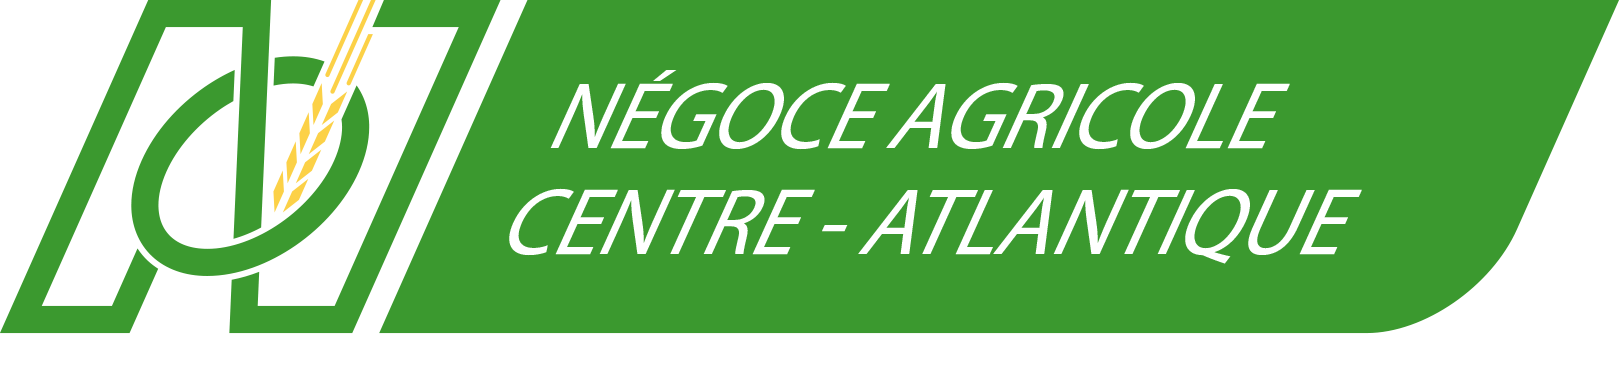 Groupement des syndicats du négoce agricole